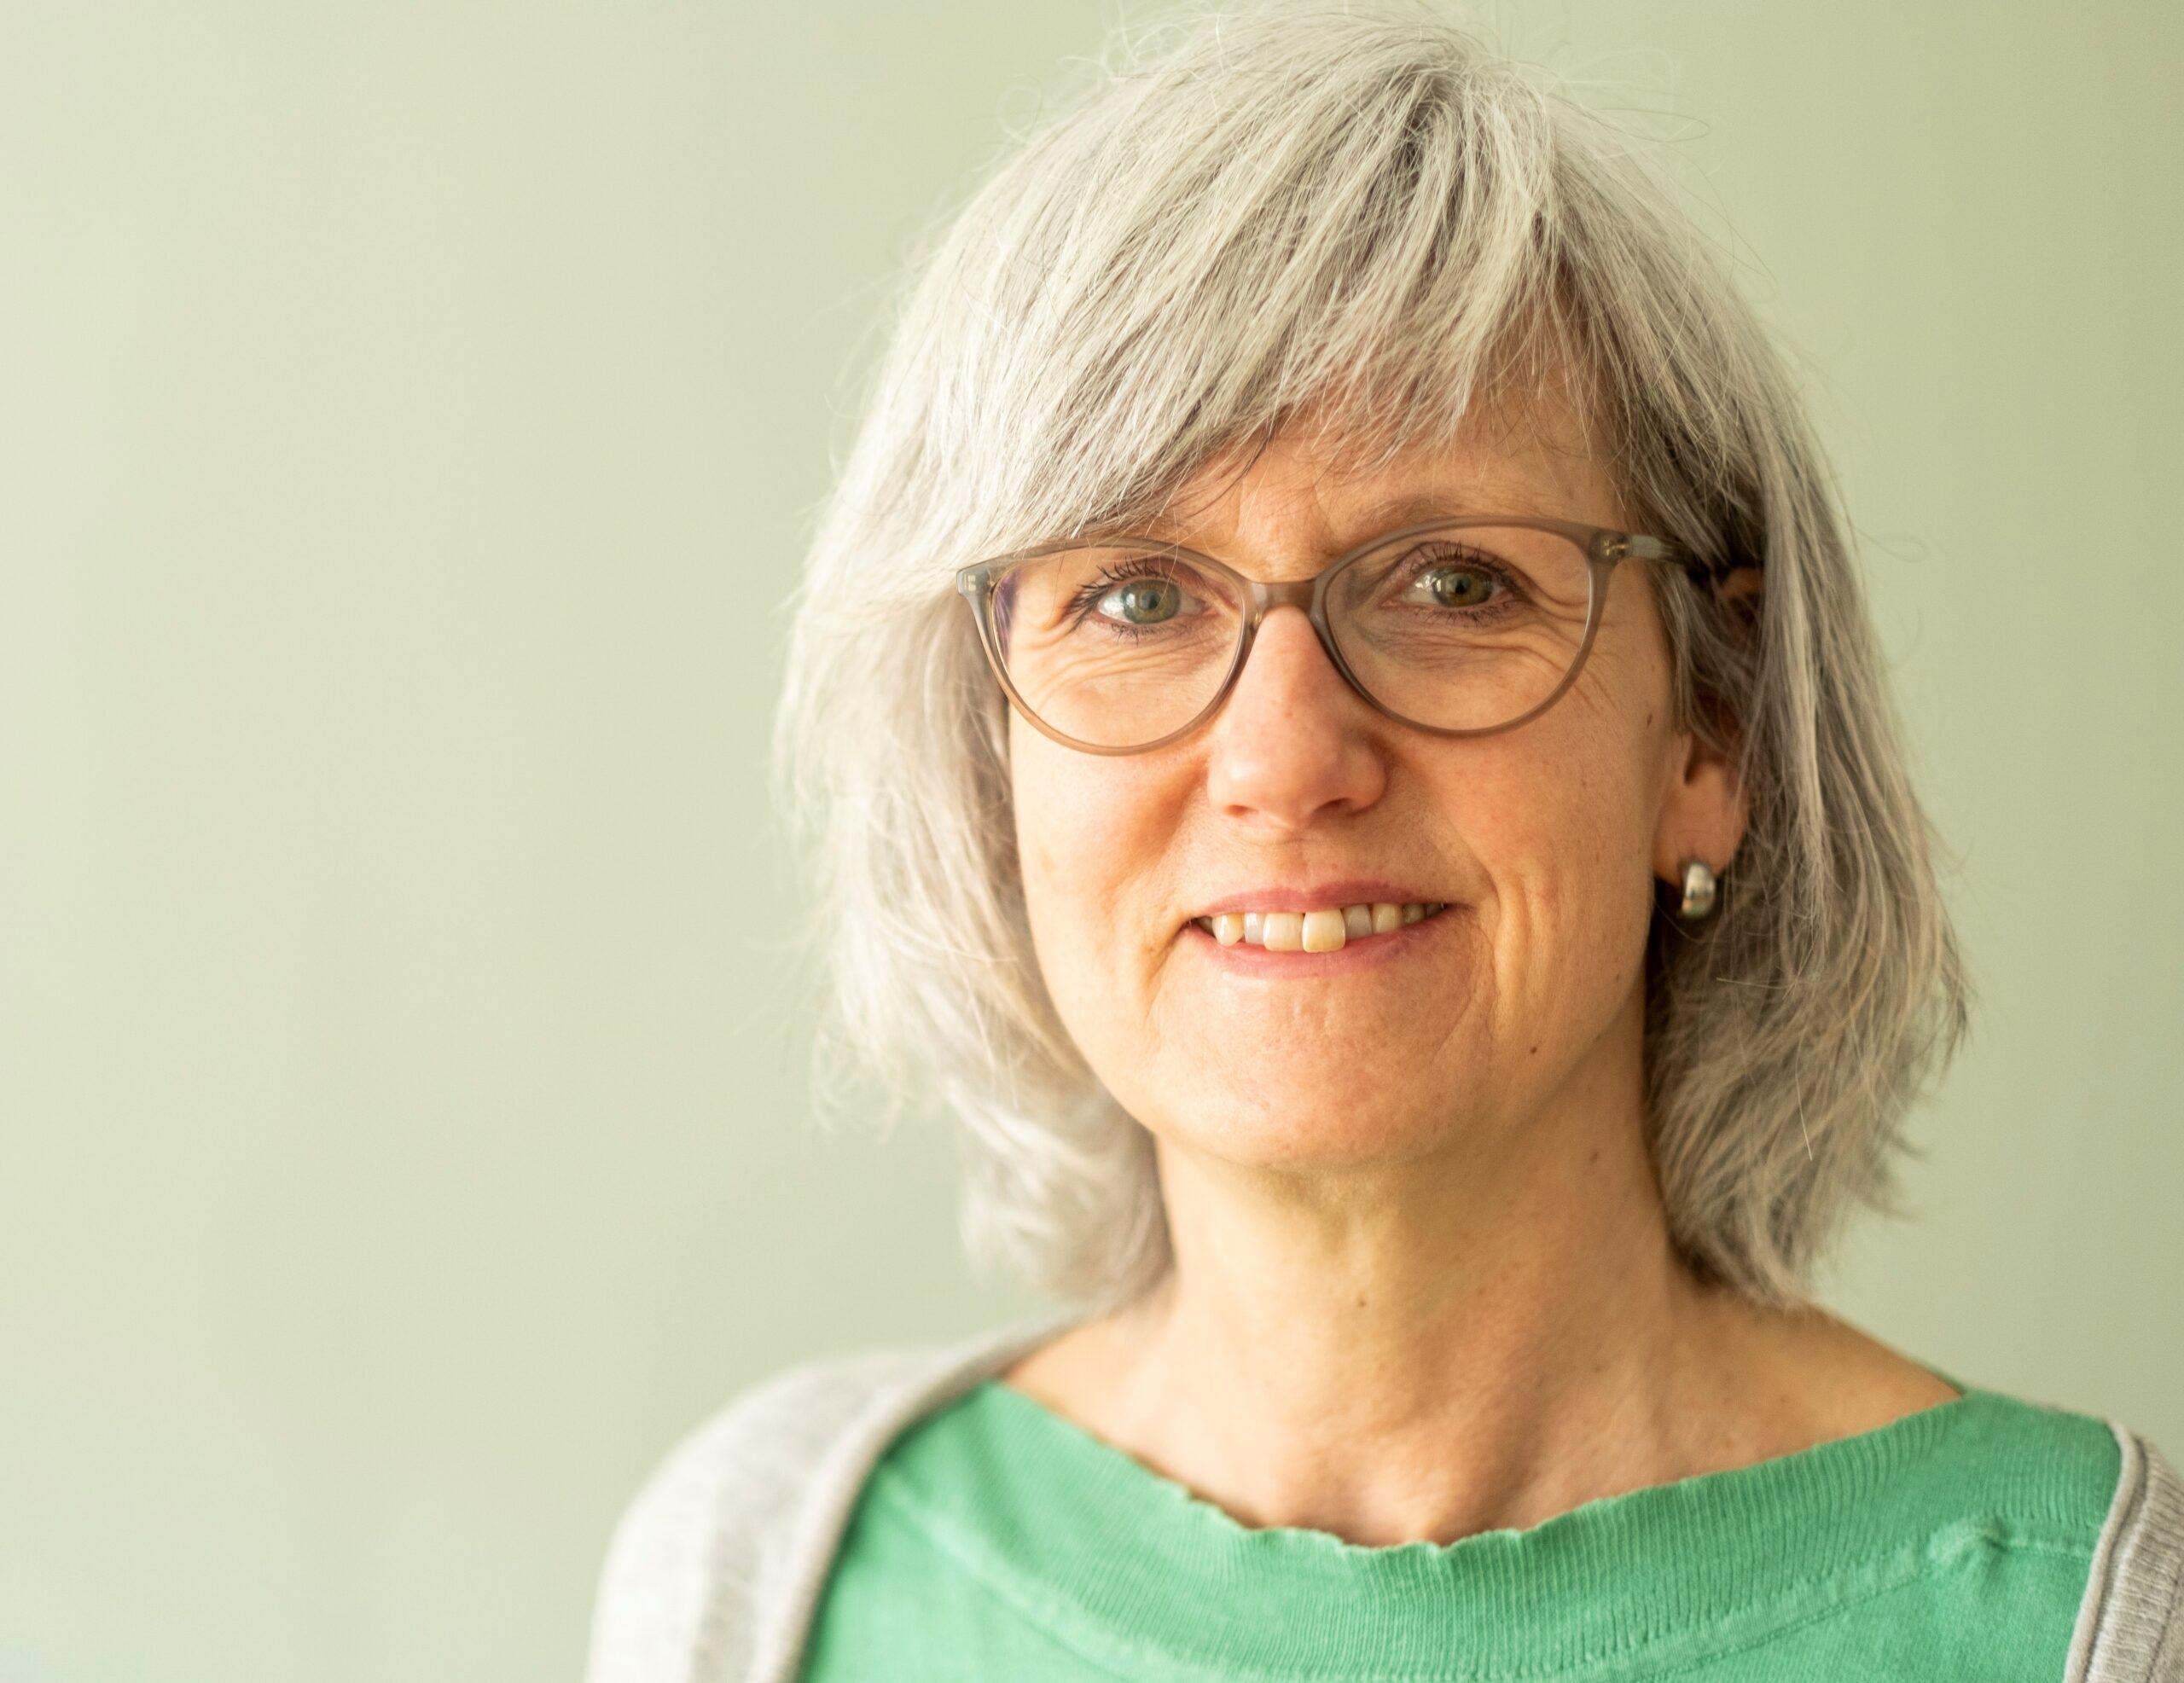 Antoinette Bakker